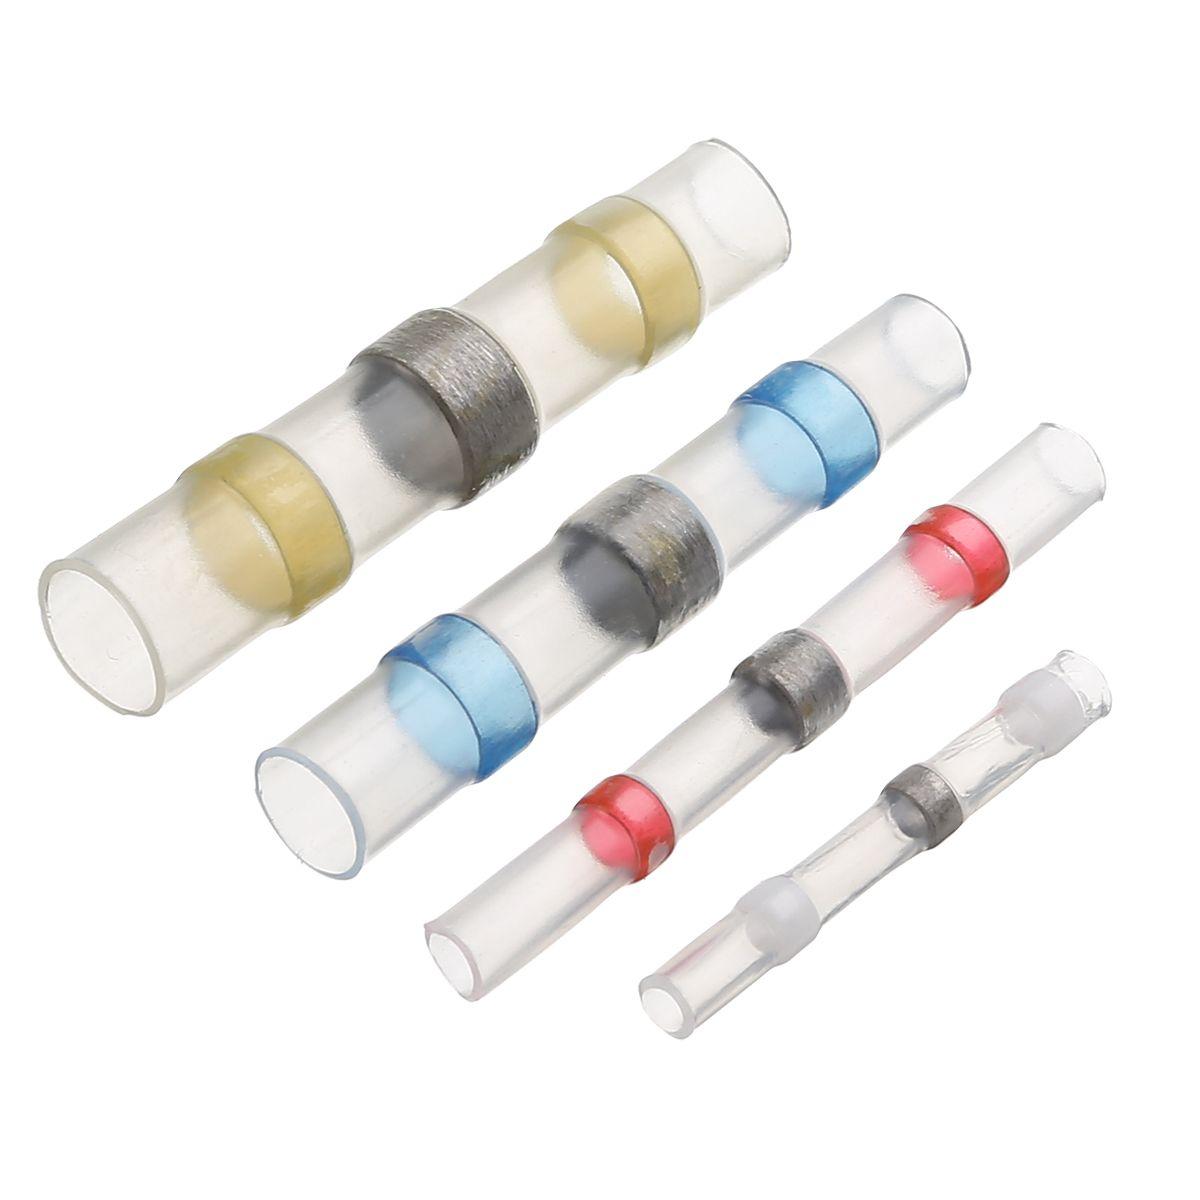 100pcs Waterproof Solder Sleeve Tube Set Heat Shrink Butt Wire Splice Connectors AWG 26-10